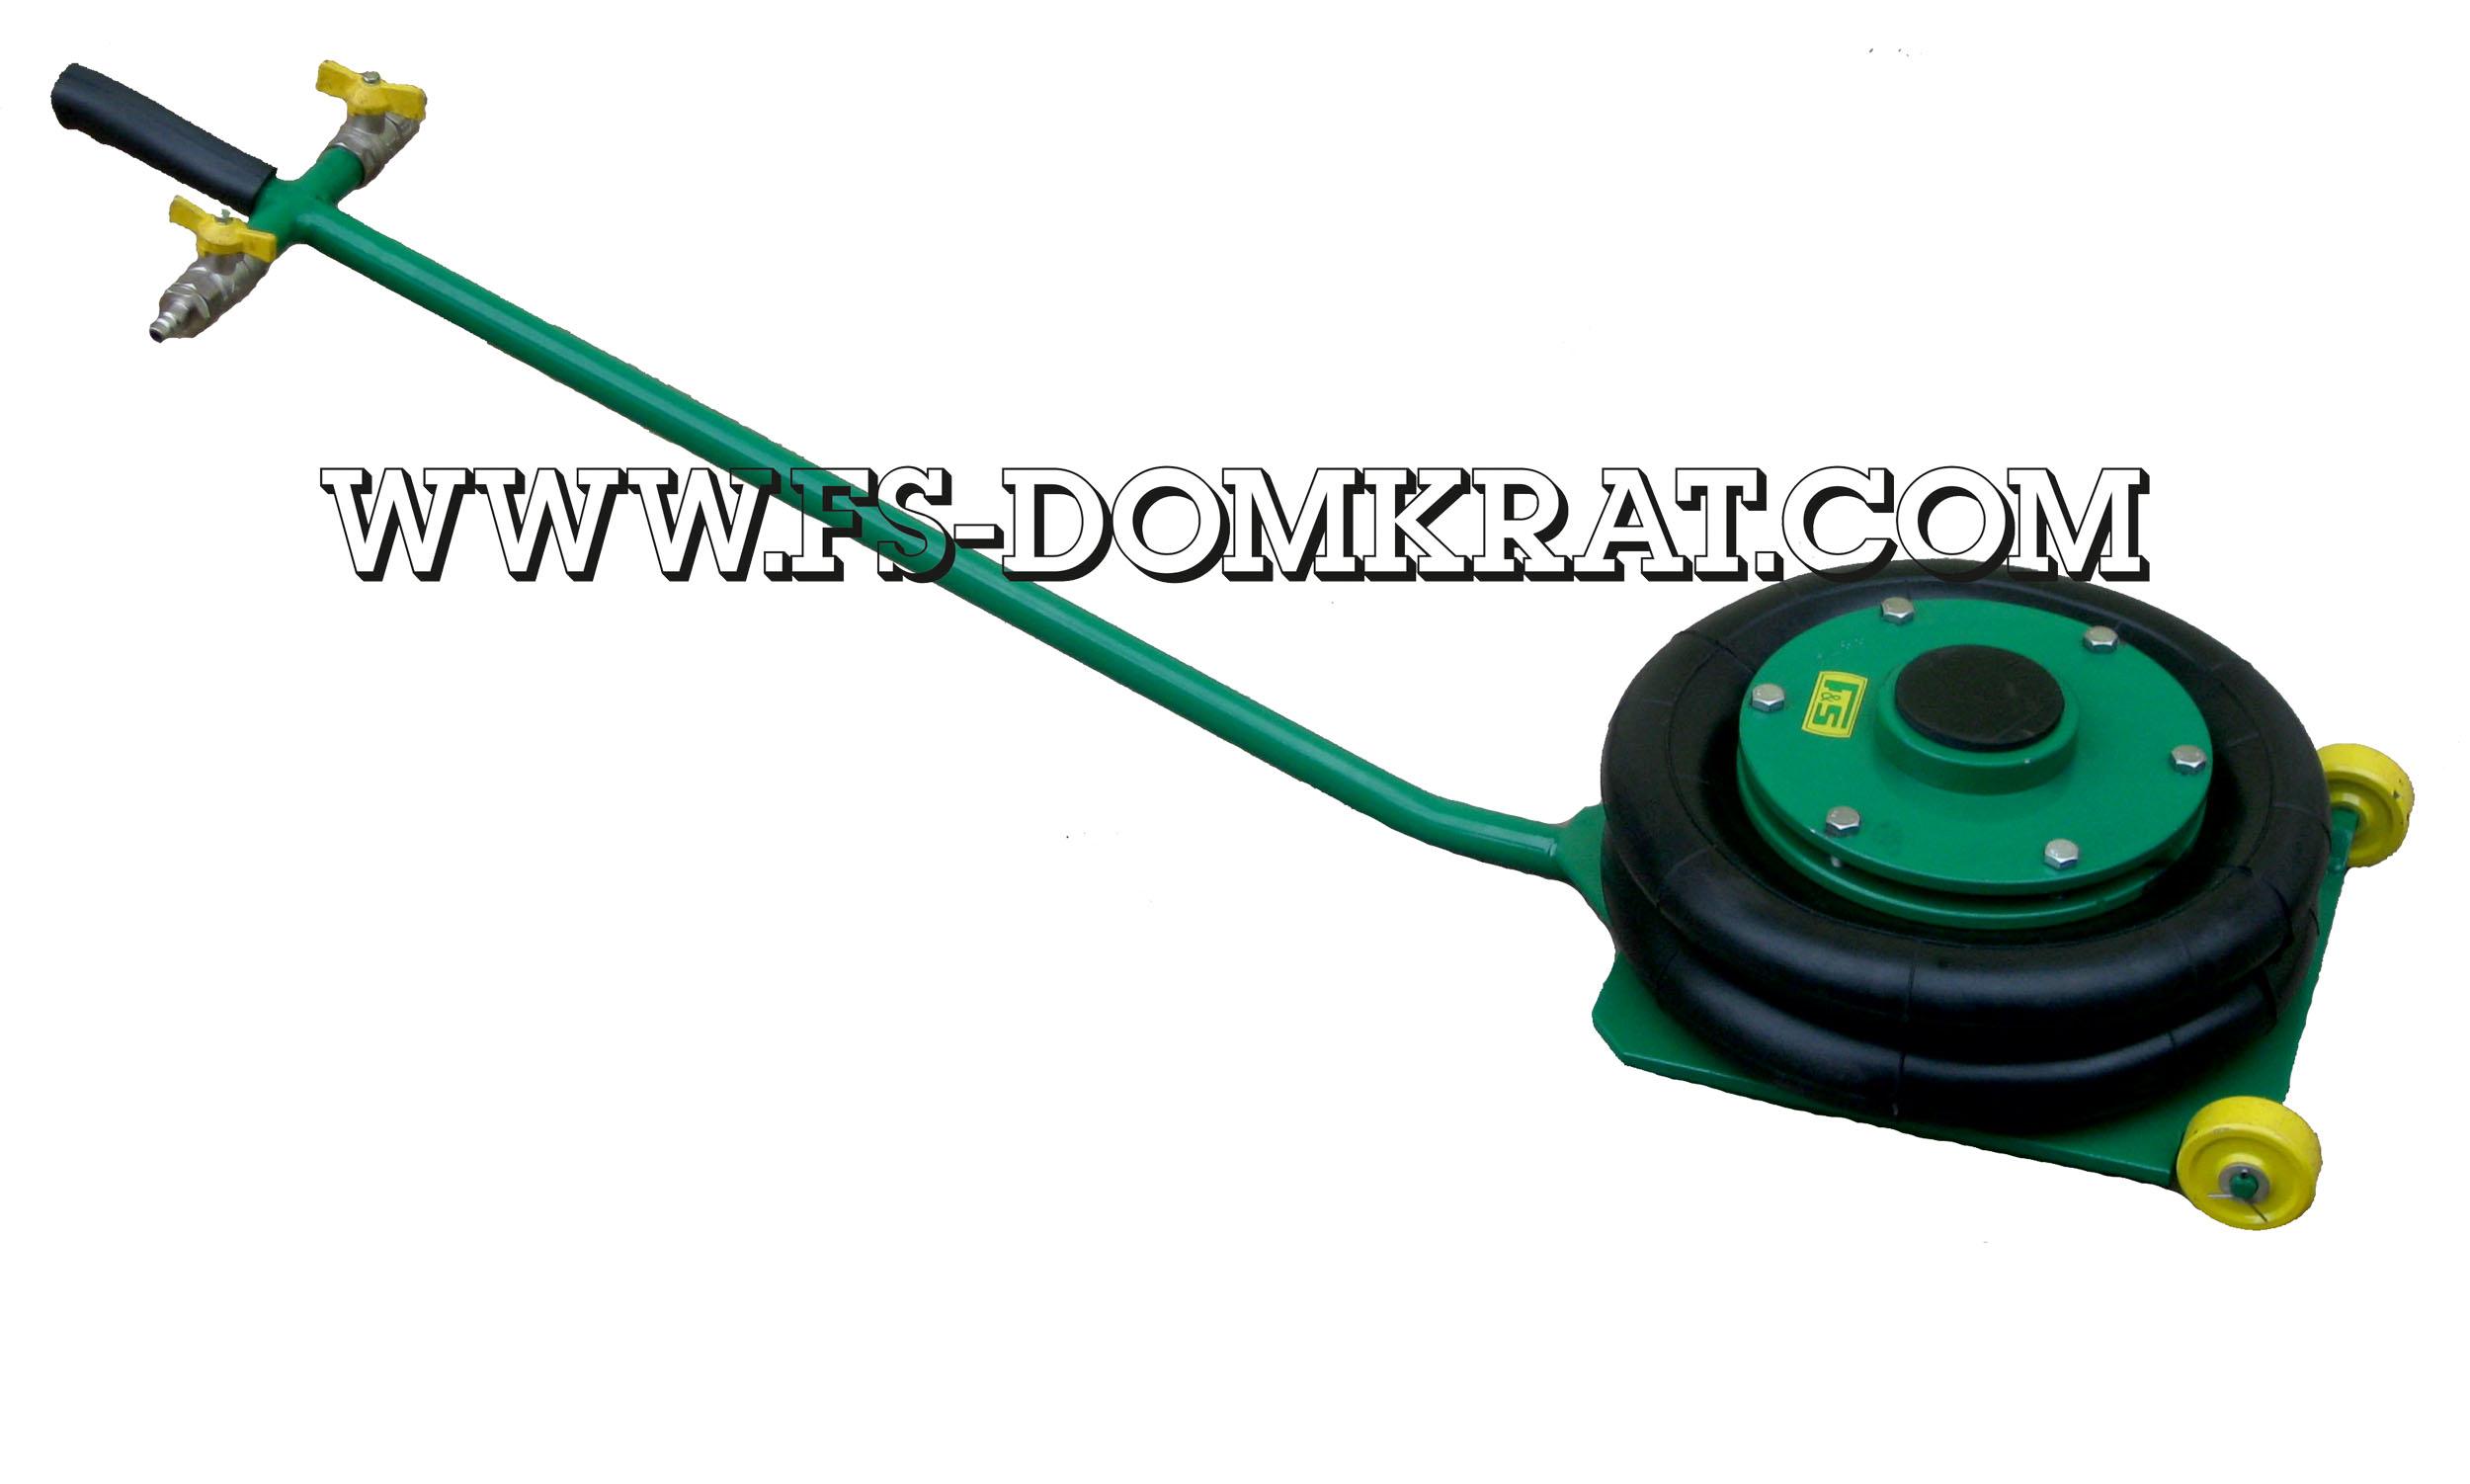 Домкрат пневматичний ДП-2, зображення 1